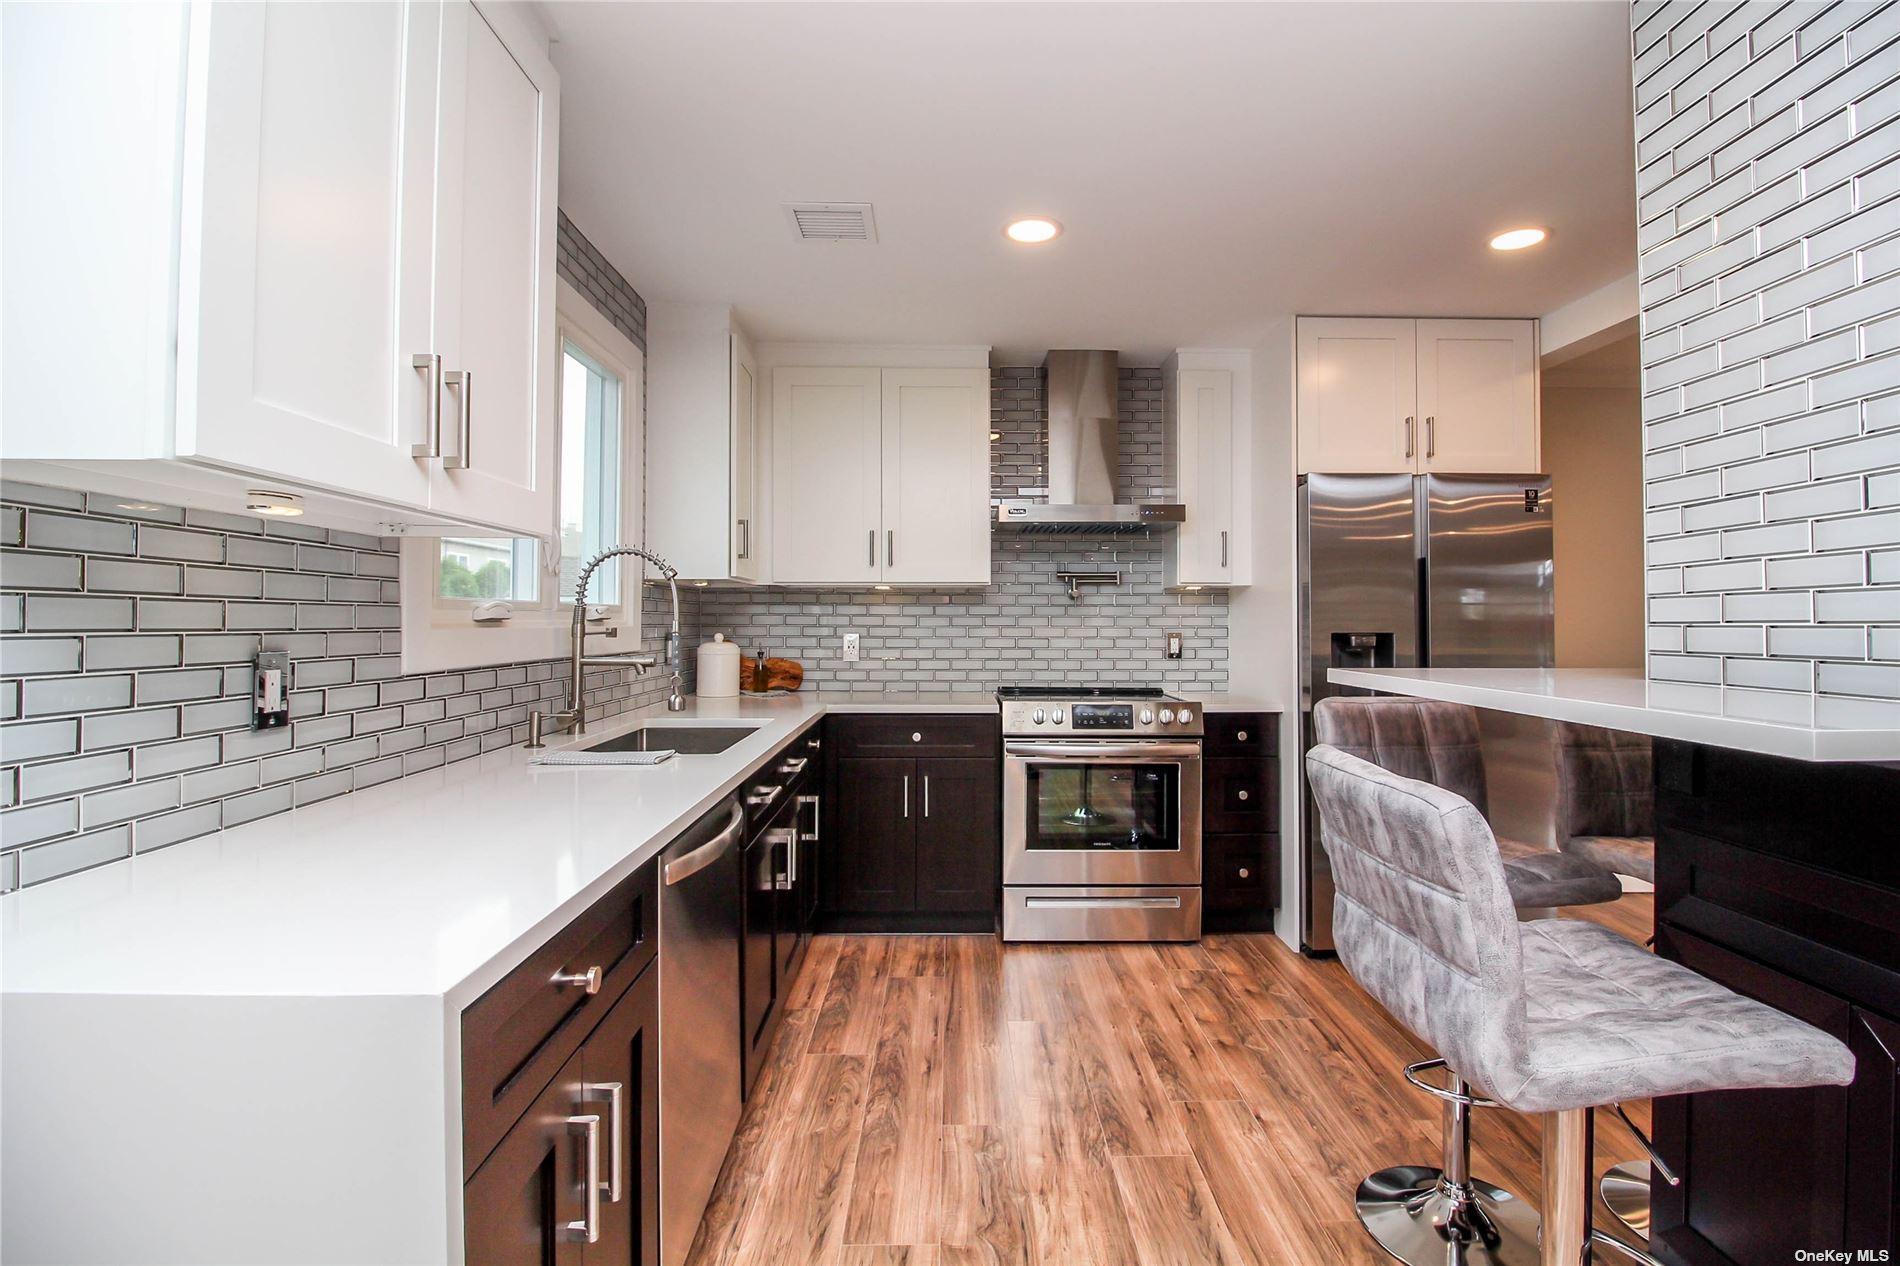 525 Lombard Street, North Babylon, NY 11703 - MLS#: 3351359